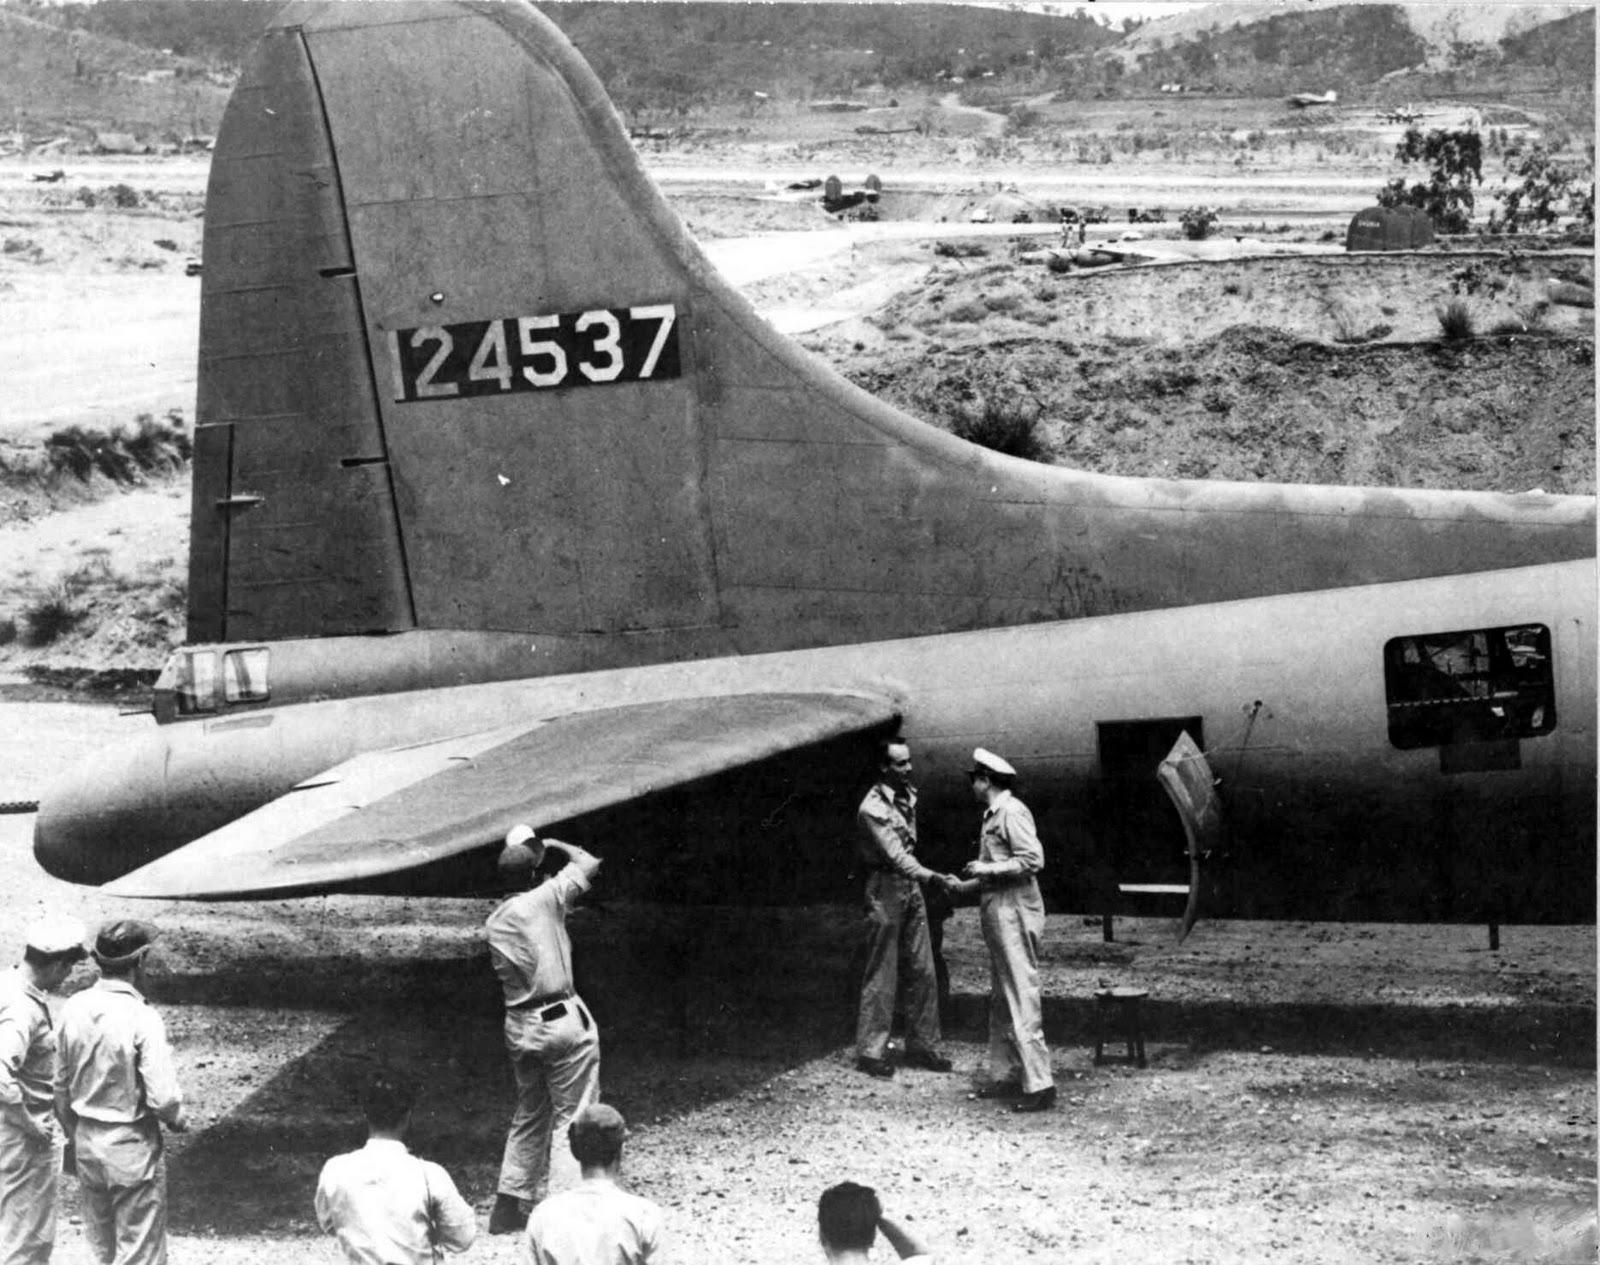 B-17 #41-24537 / Talisman aka USA-SOS War Horse